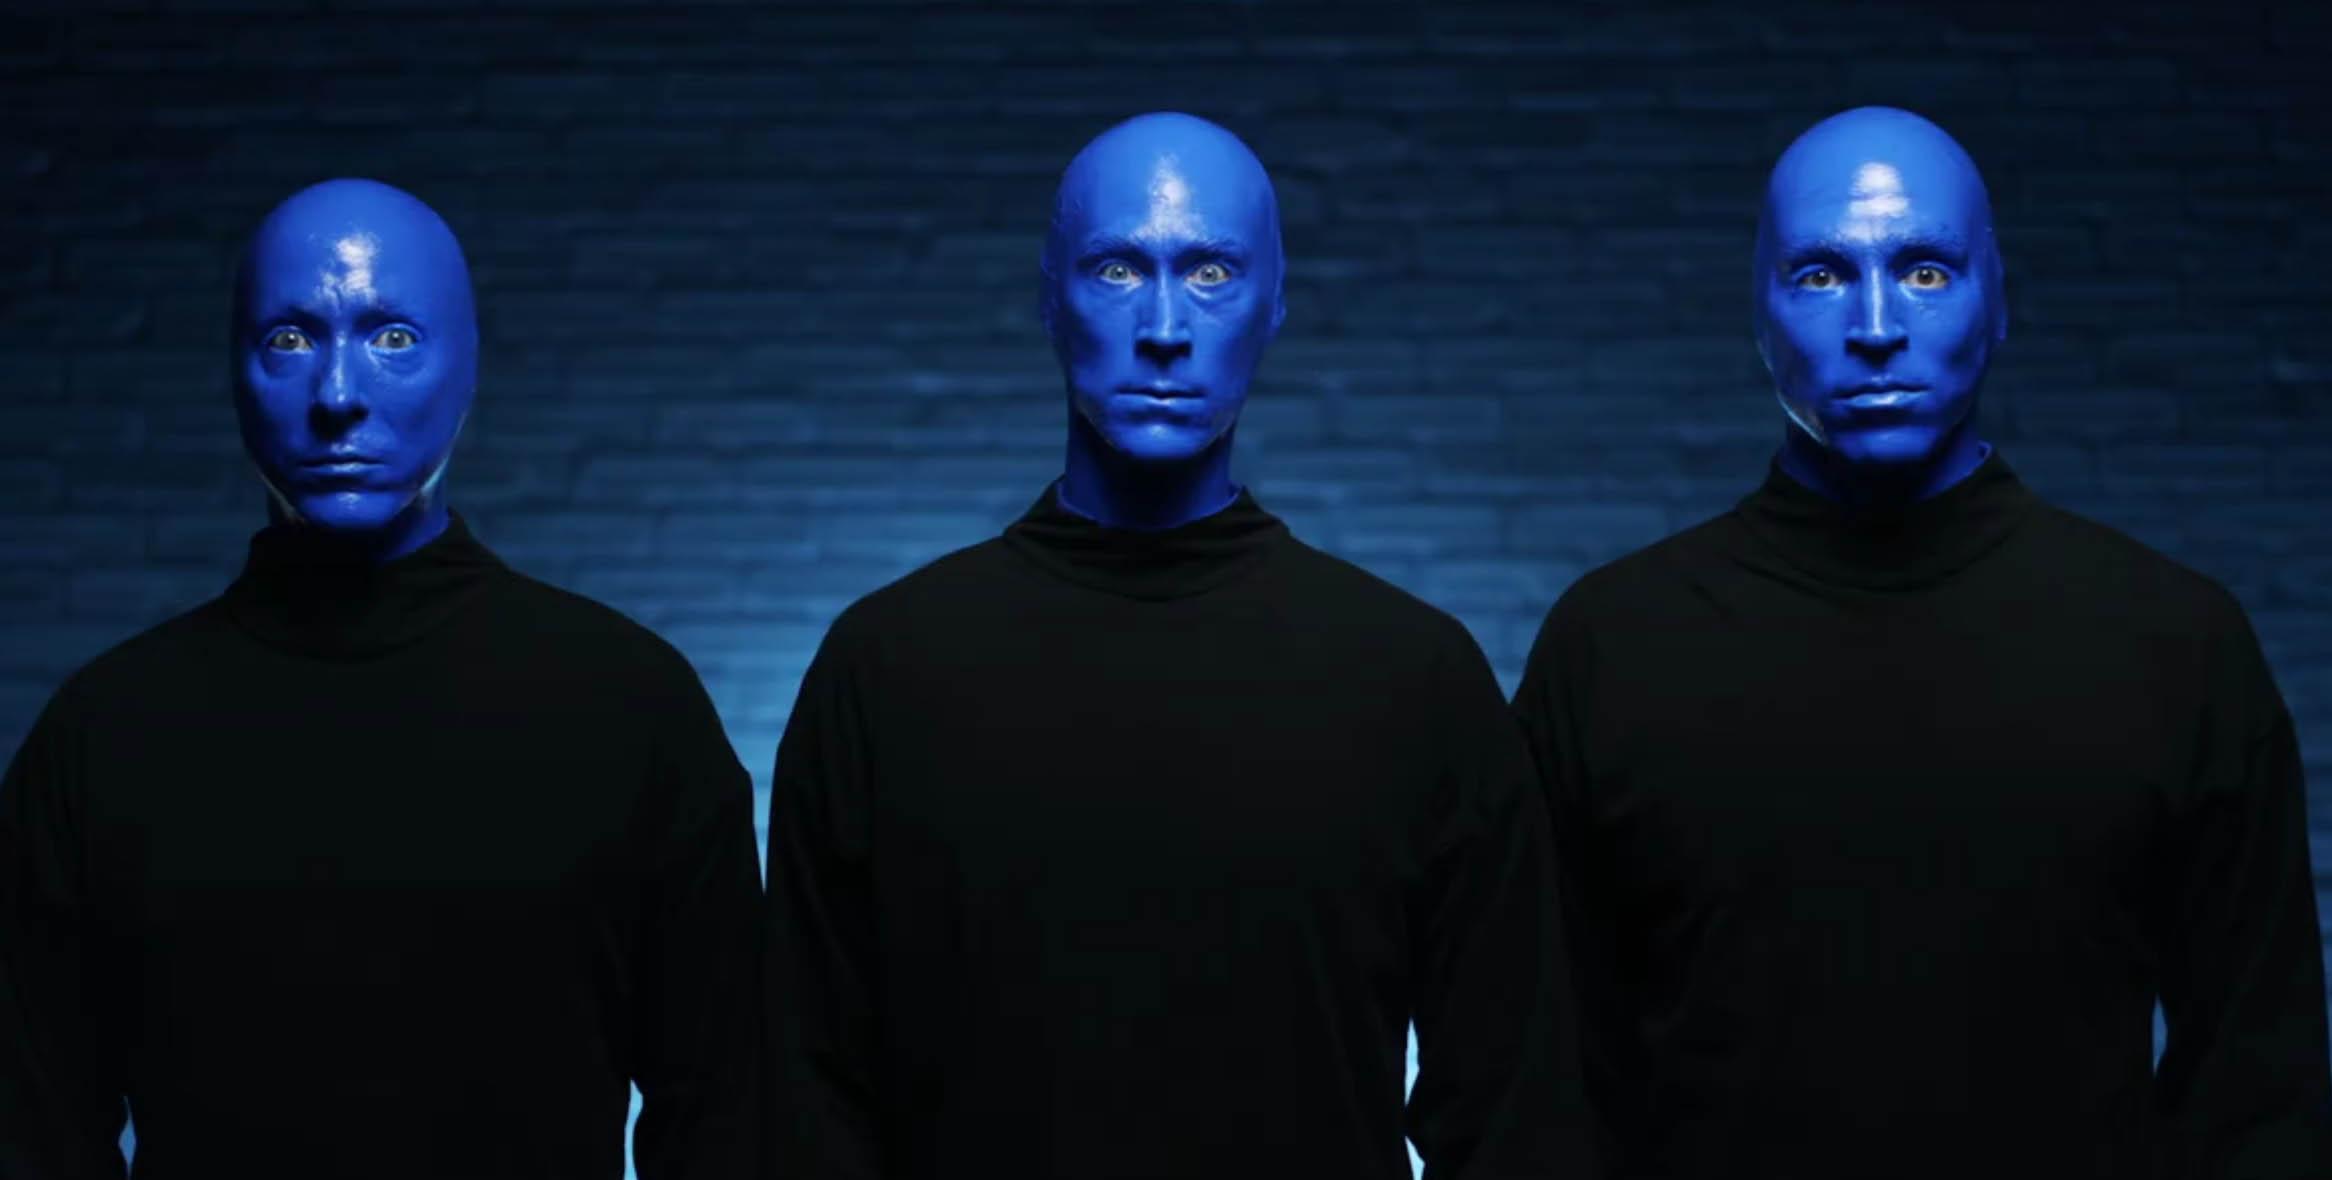 《藍人秀》